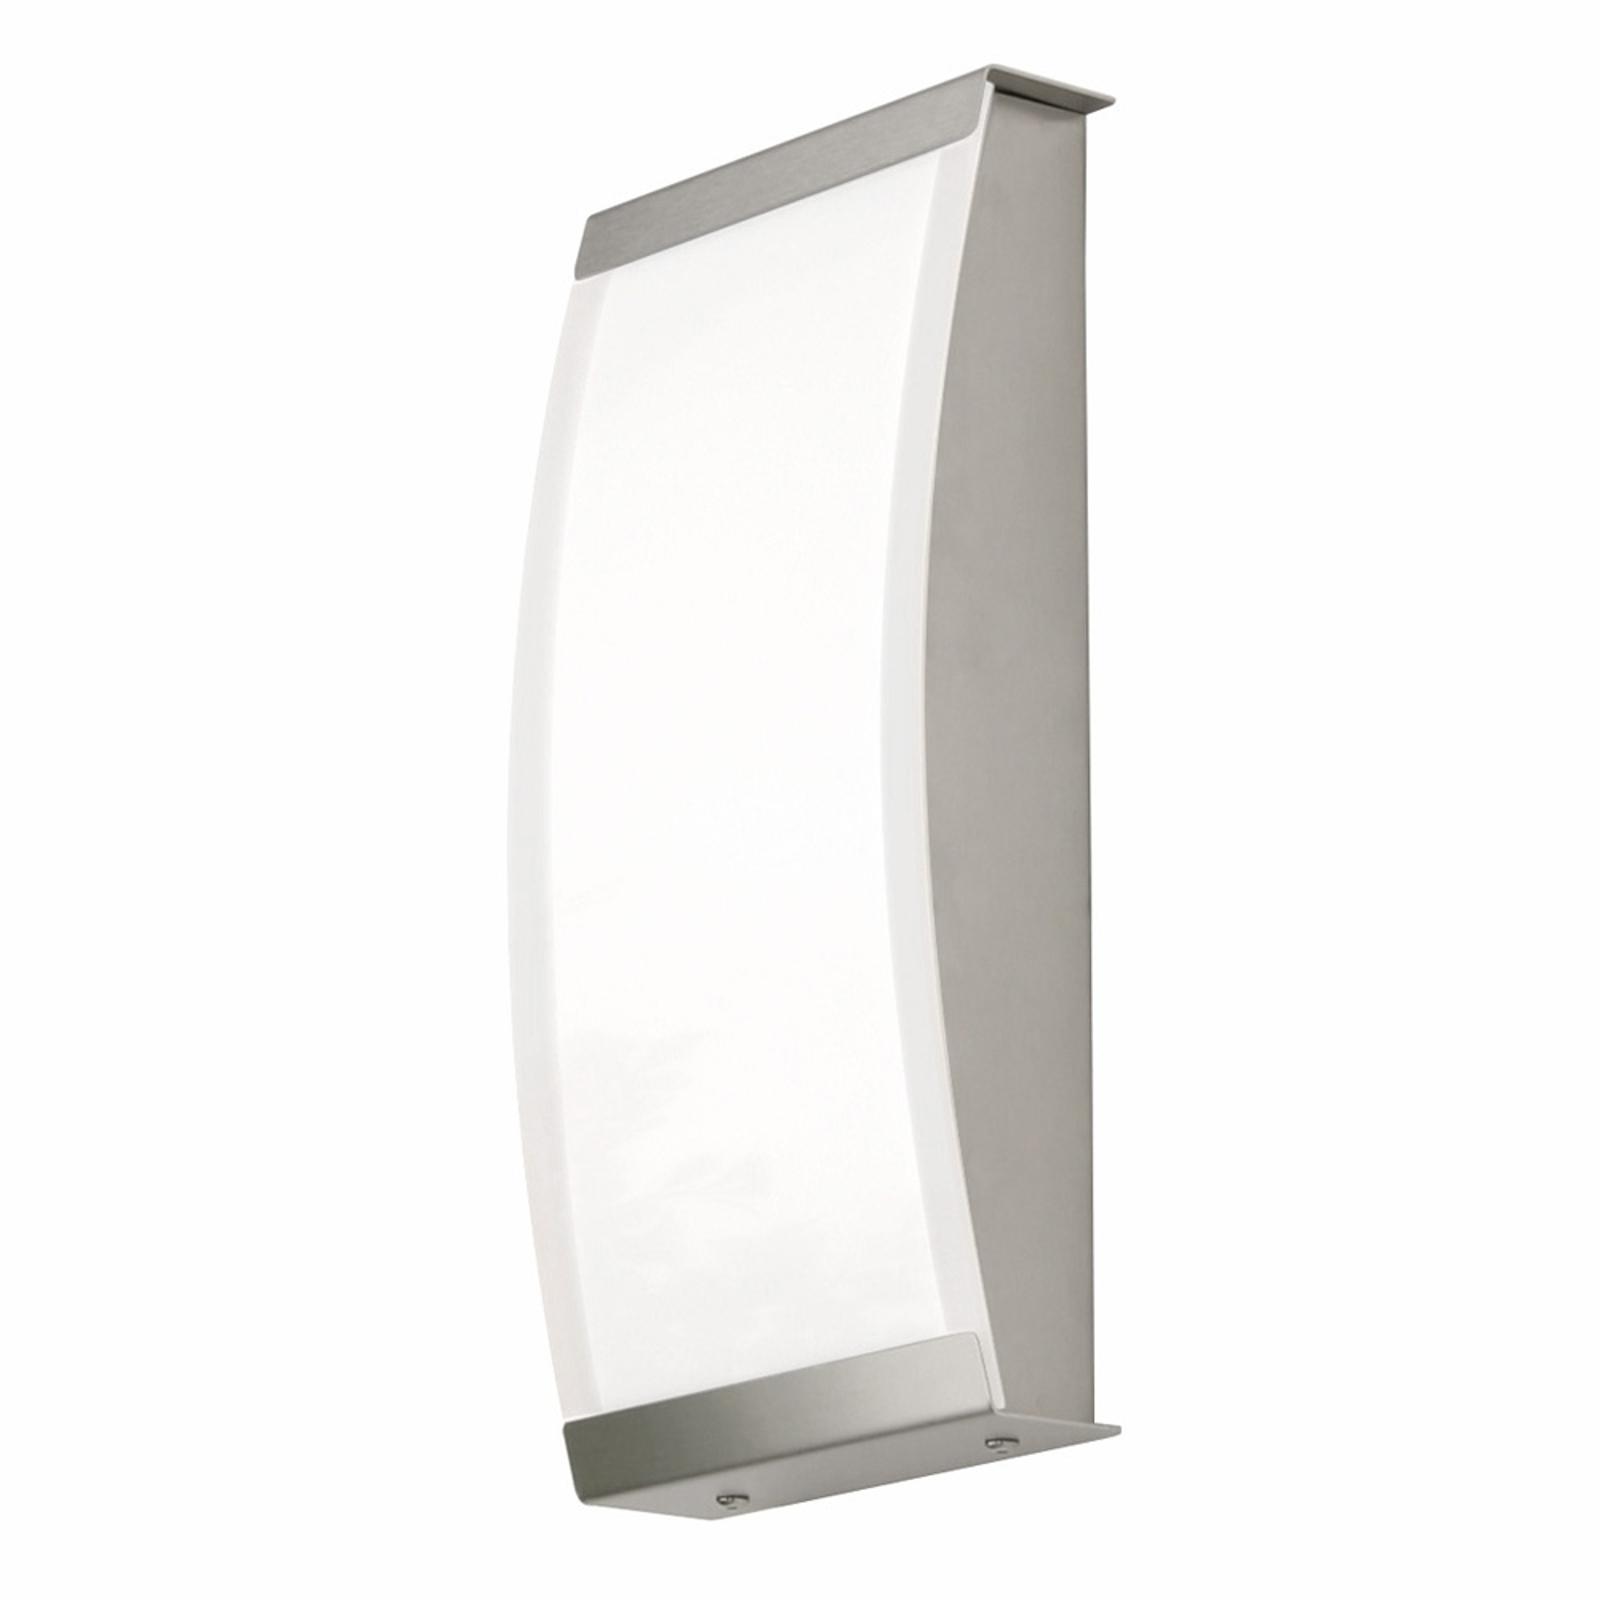 Produktové foto Heibi Trendy LED venkovní nástěnné svítidlo LISET 4000K